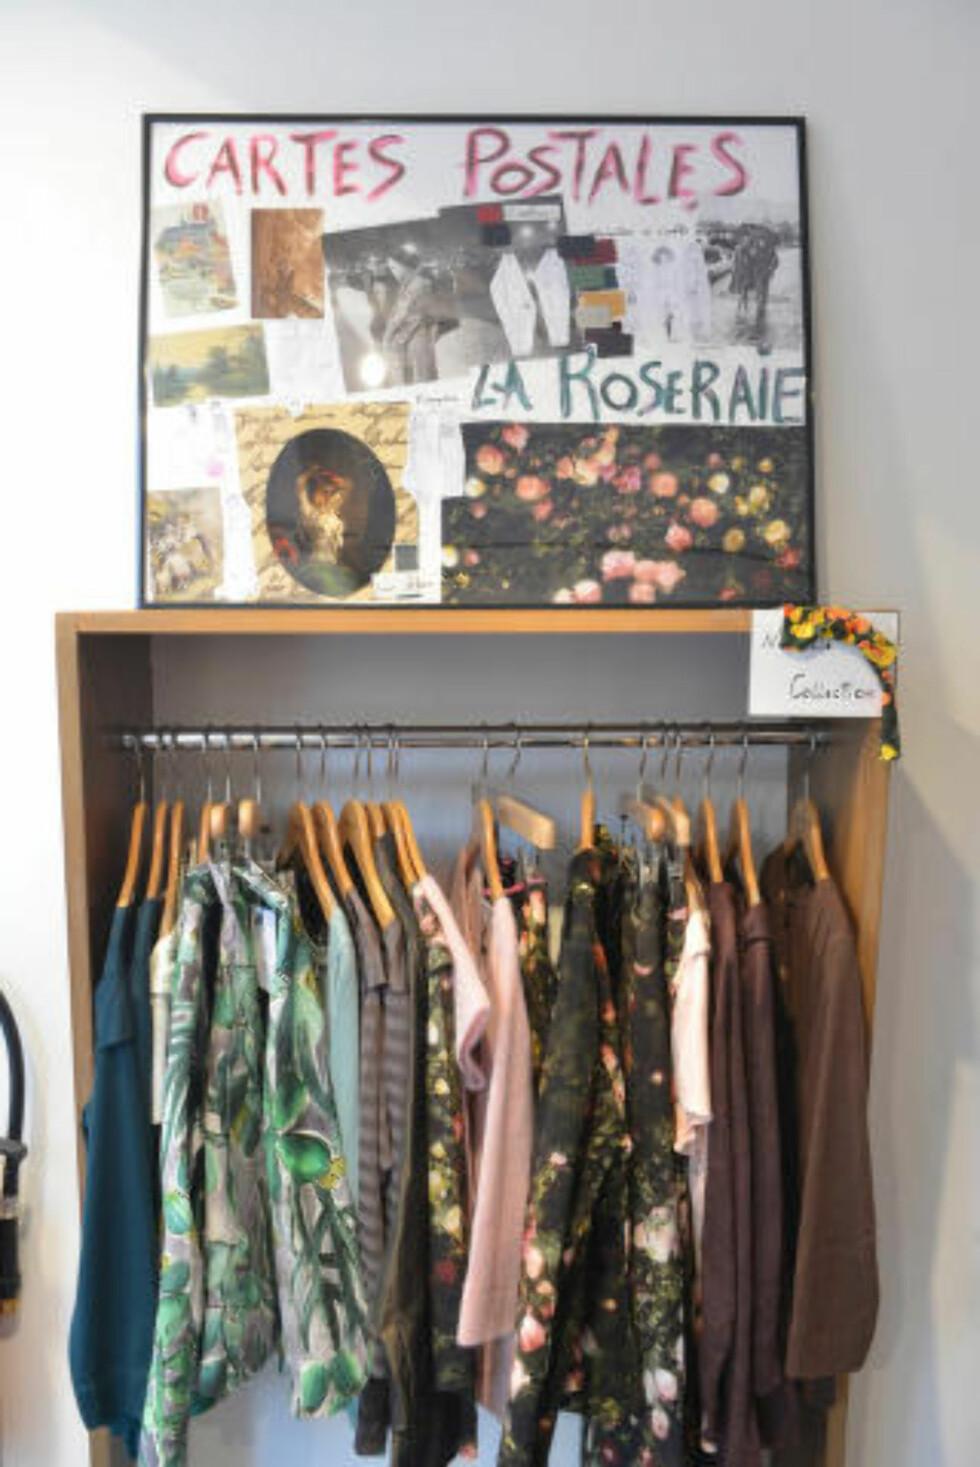 DIN EGEN STIL: Saint-Germain-des-Prés er et bra område for å finne klær som naboen ikke har. Bydelen har en rekke uavhengige designerbutikker. Foto: GJERMUND GLESNES